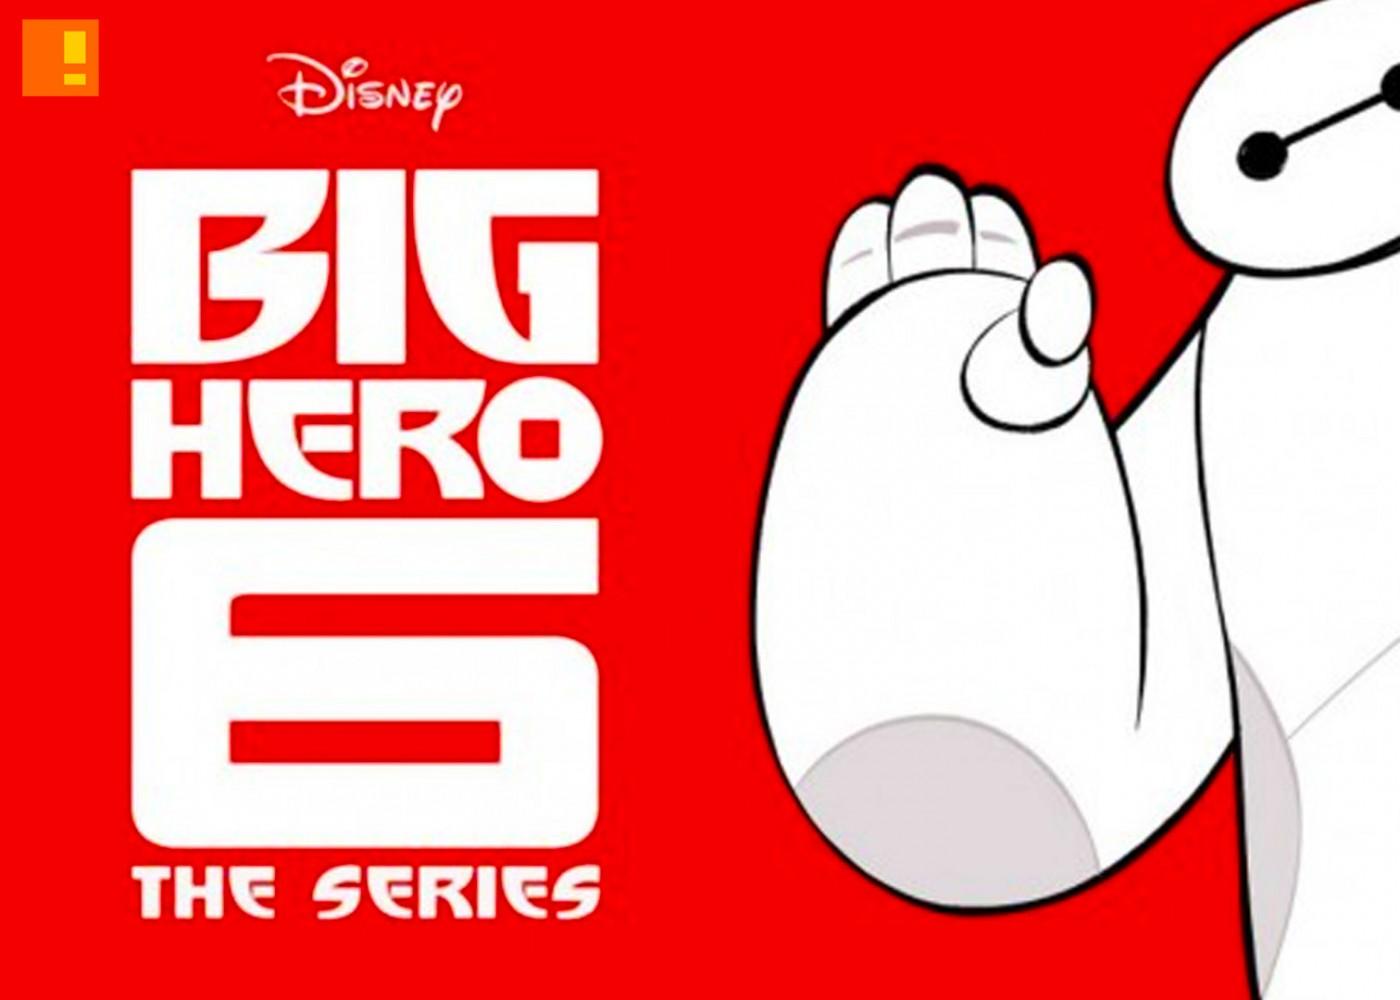 big hero 6 tv series. marvel. disney. the action pixel. @theactionpixel